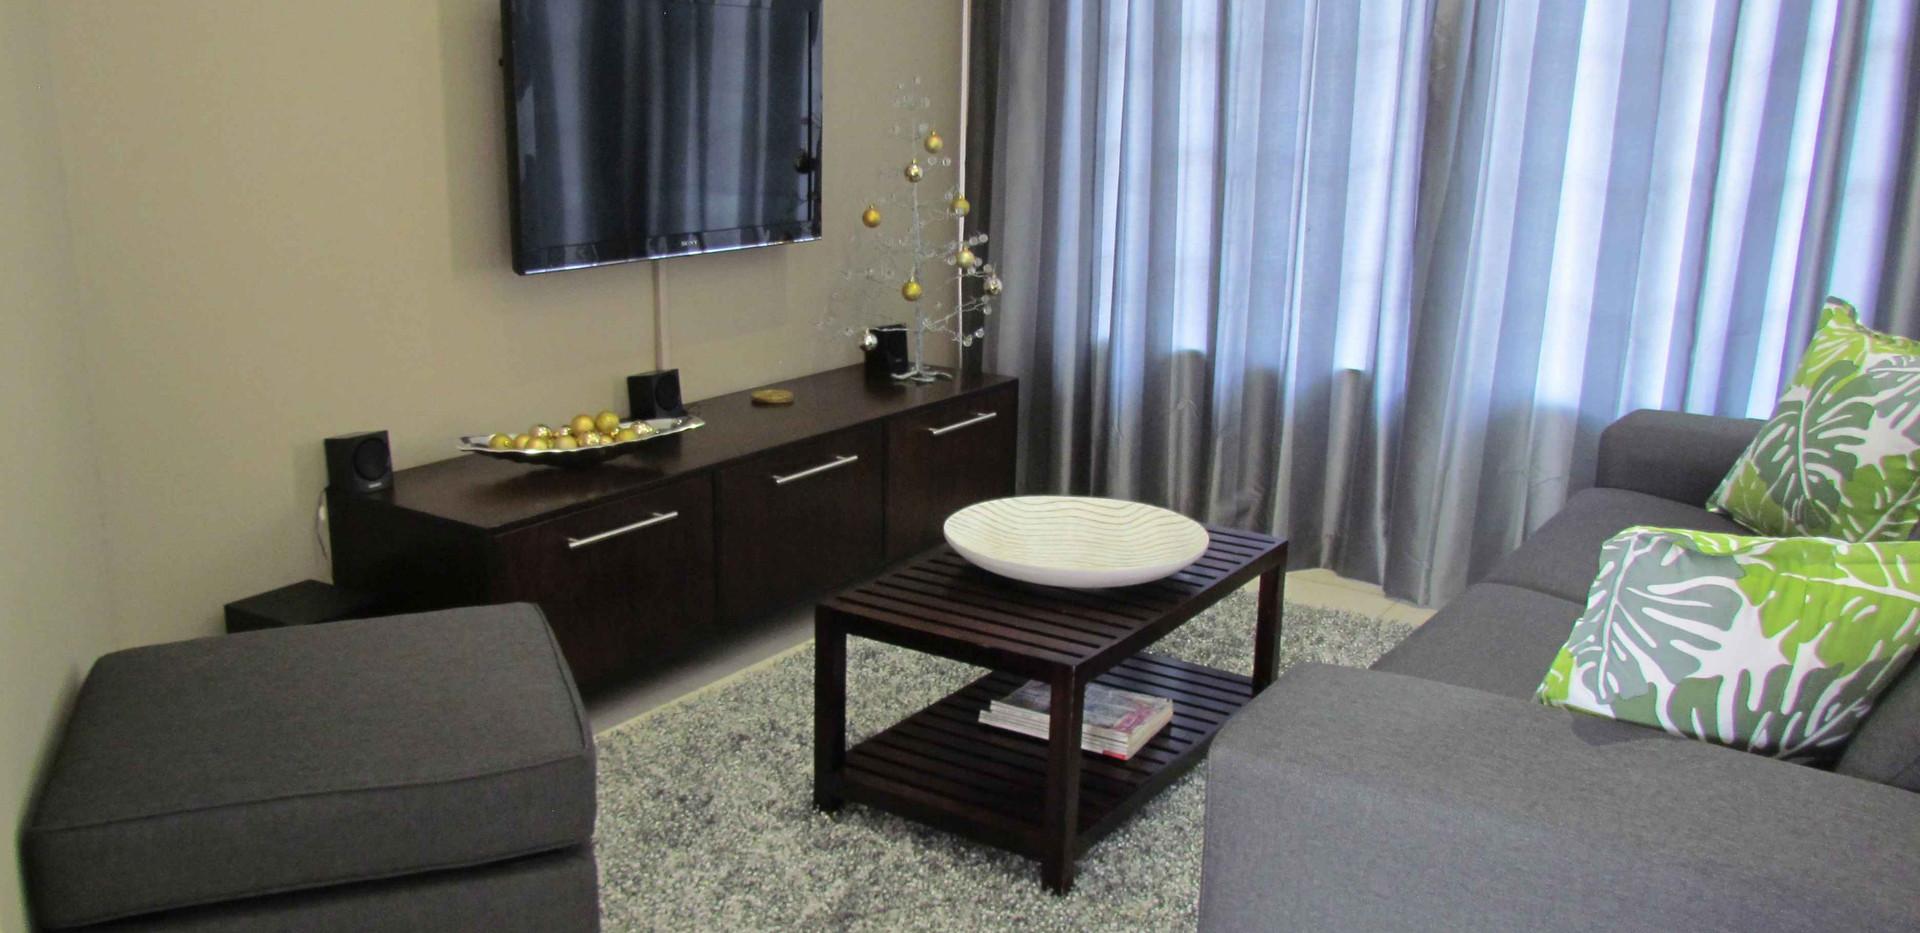 Living Room Interlaken